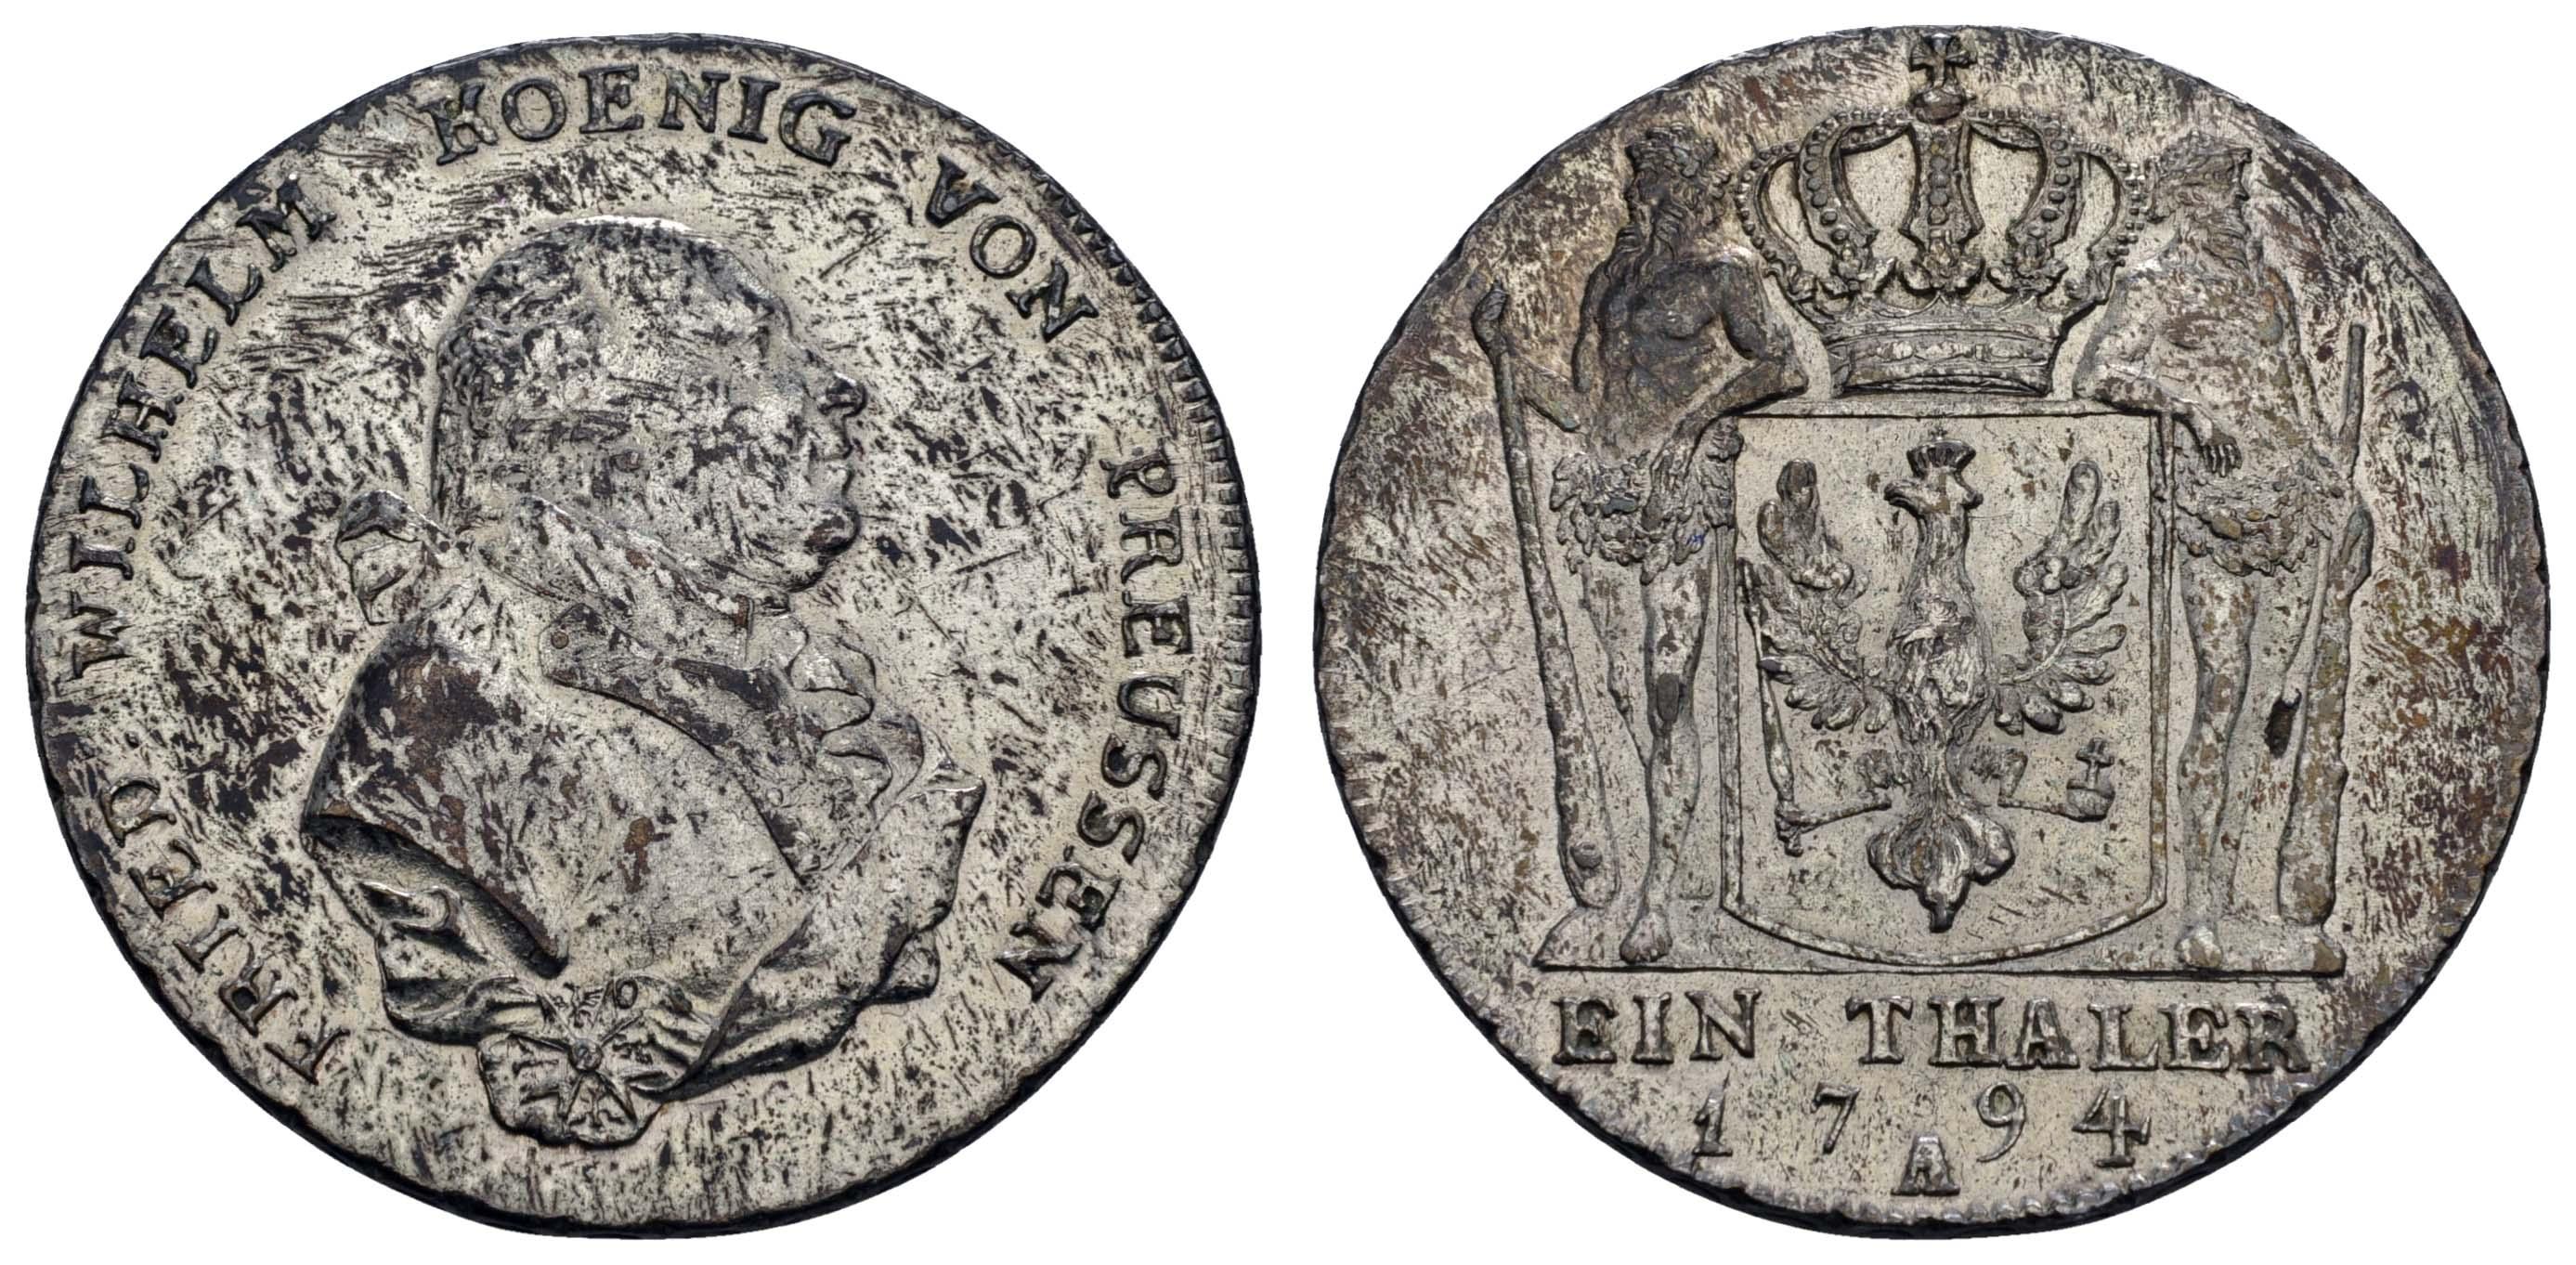 Lot 550 - deutschland bis 1799 - Preußen -  Auktionshaus Ulrich Felzmann GmbH & Co. KG Coins single lots